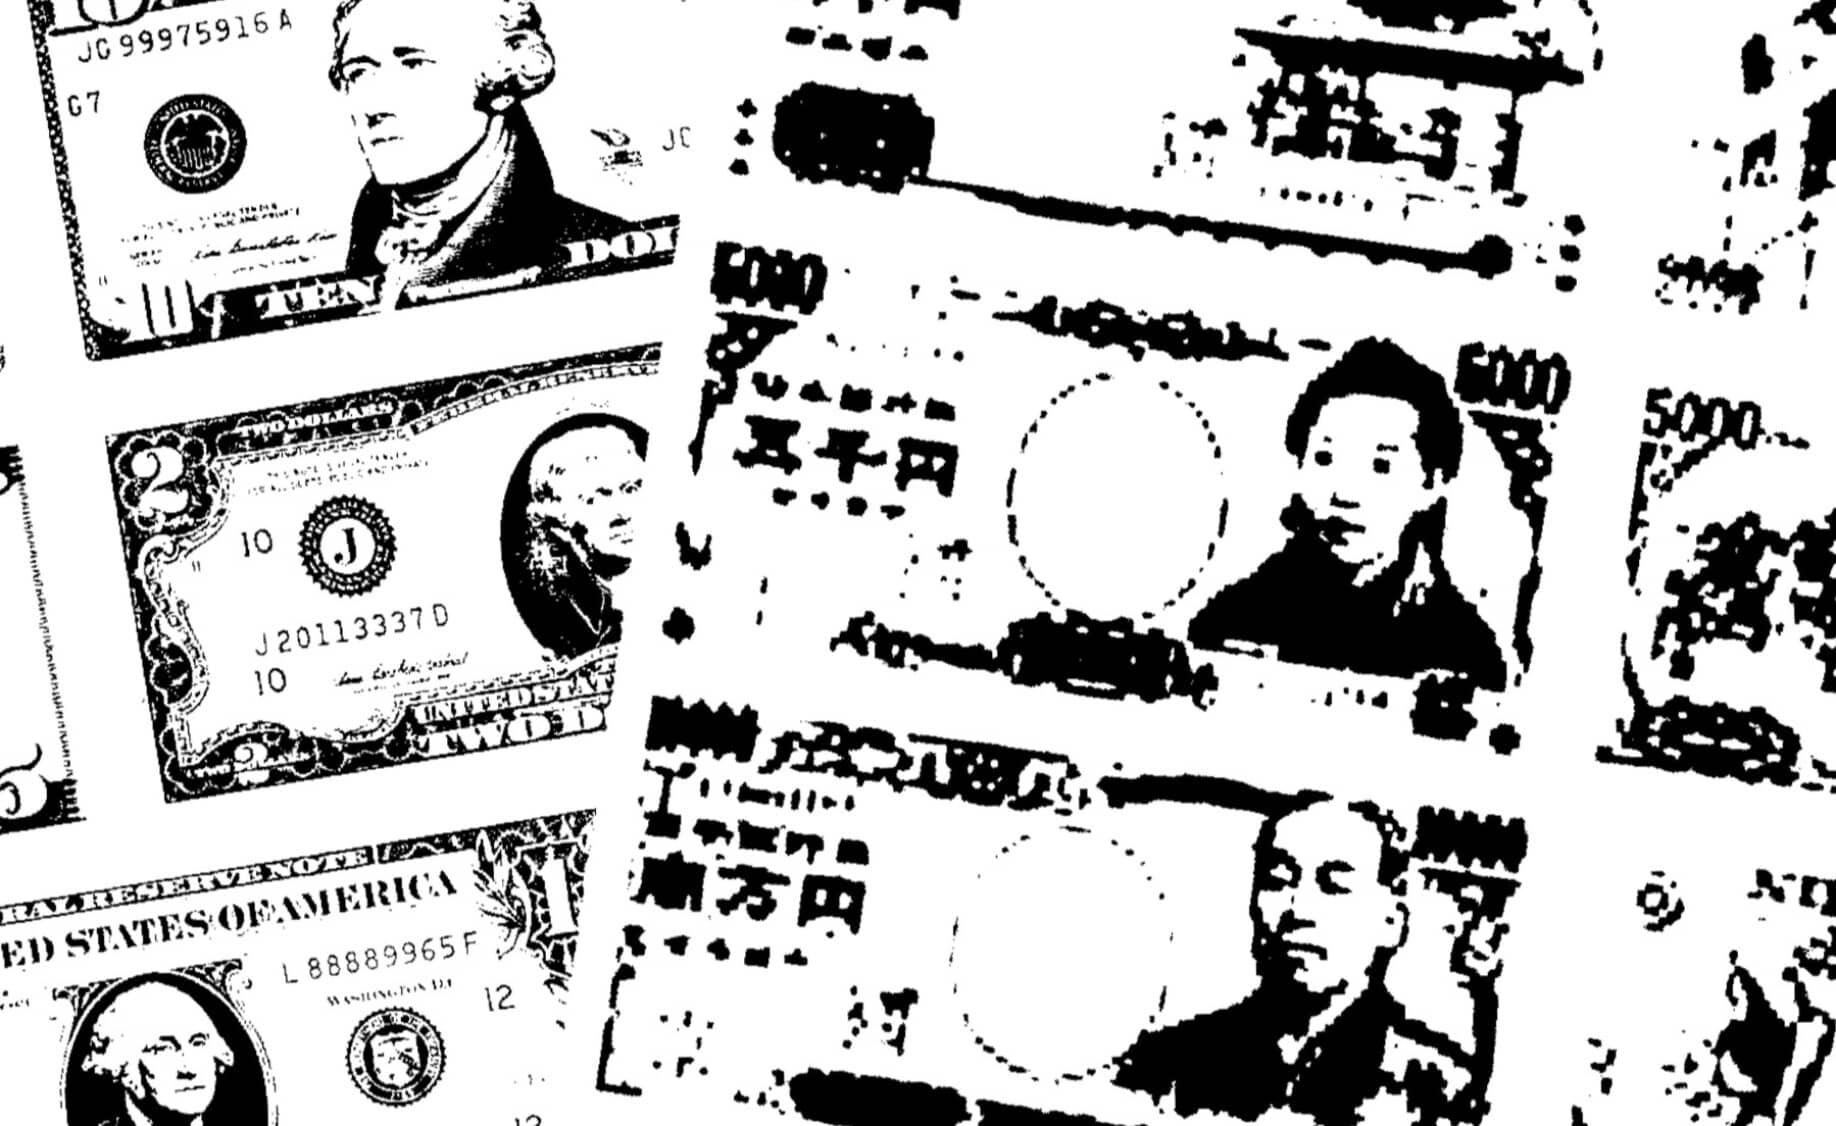 天生神力-你的金融交易解答